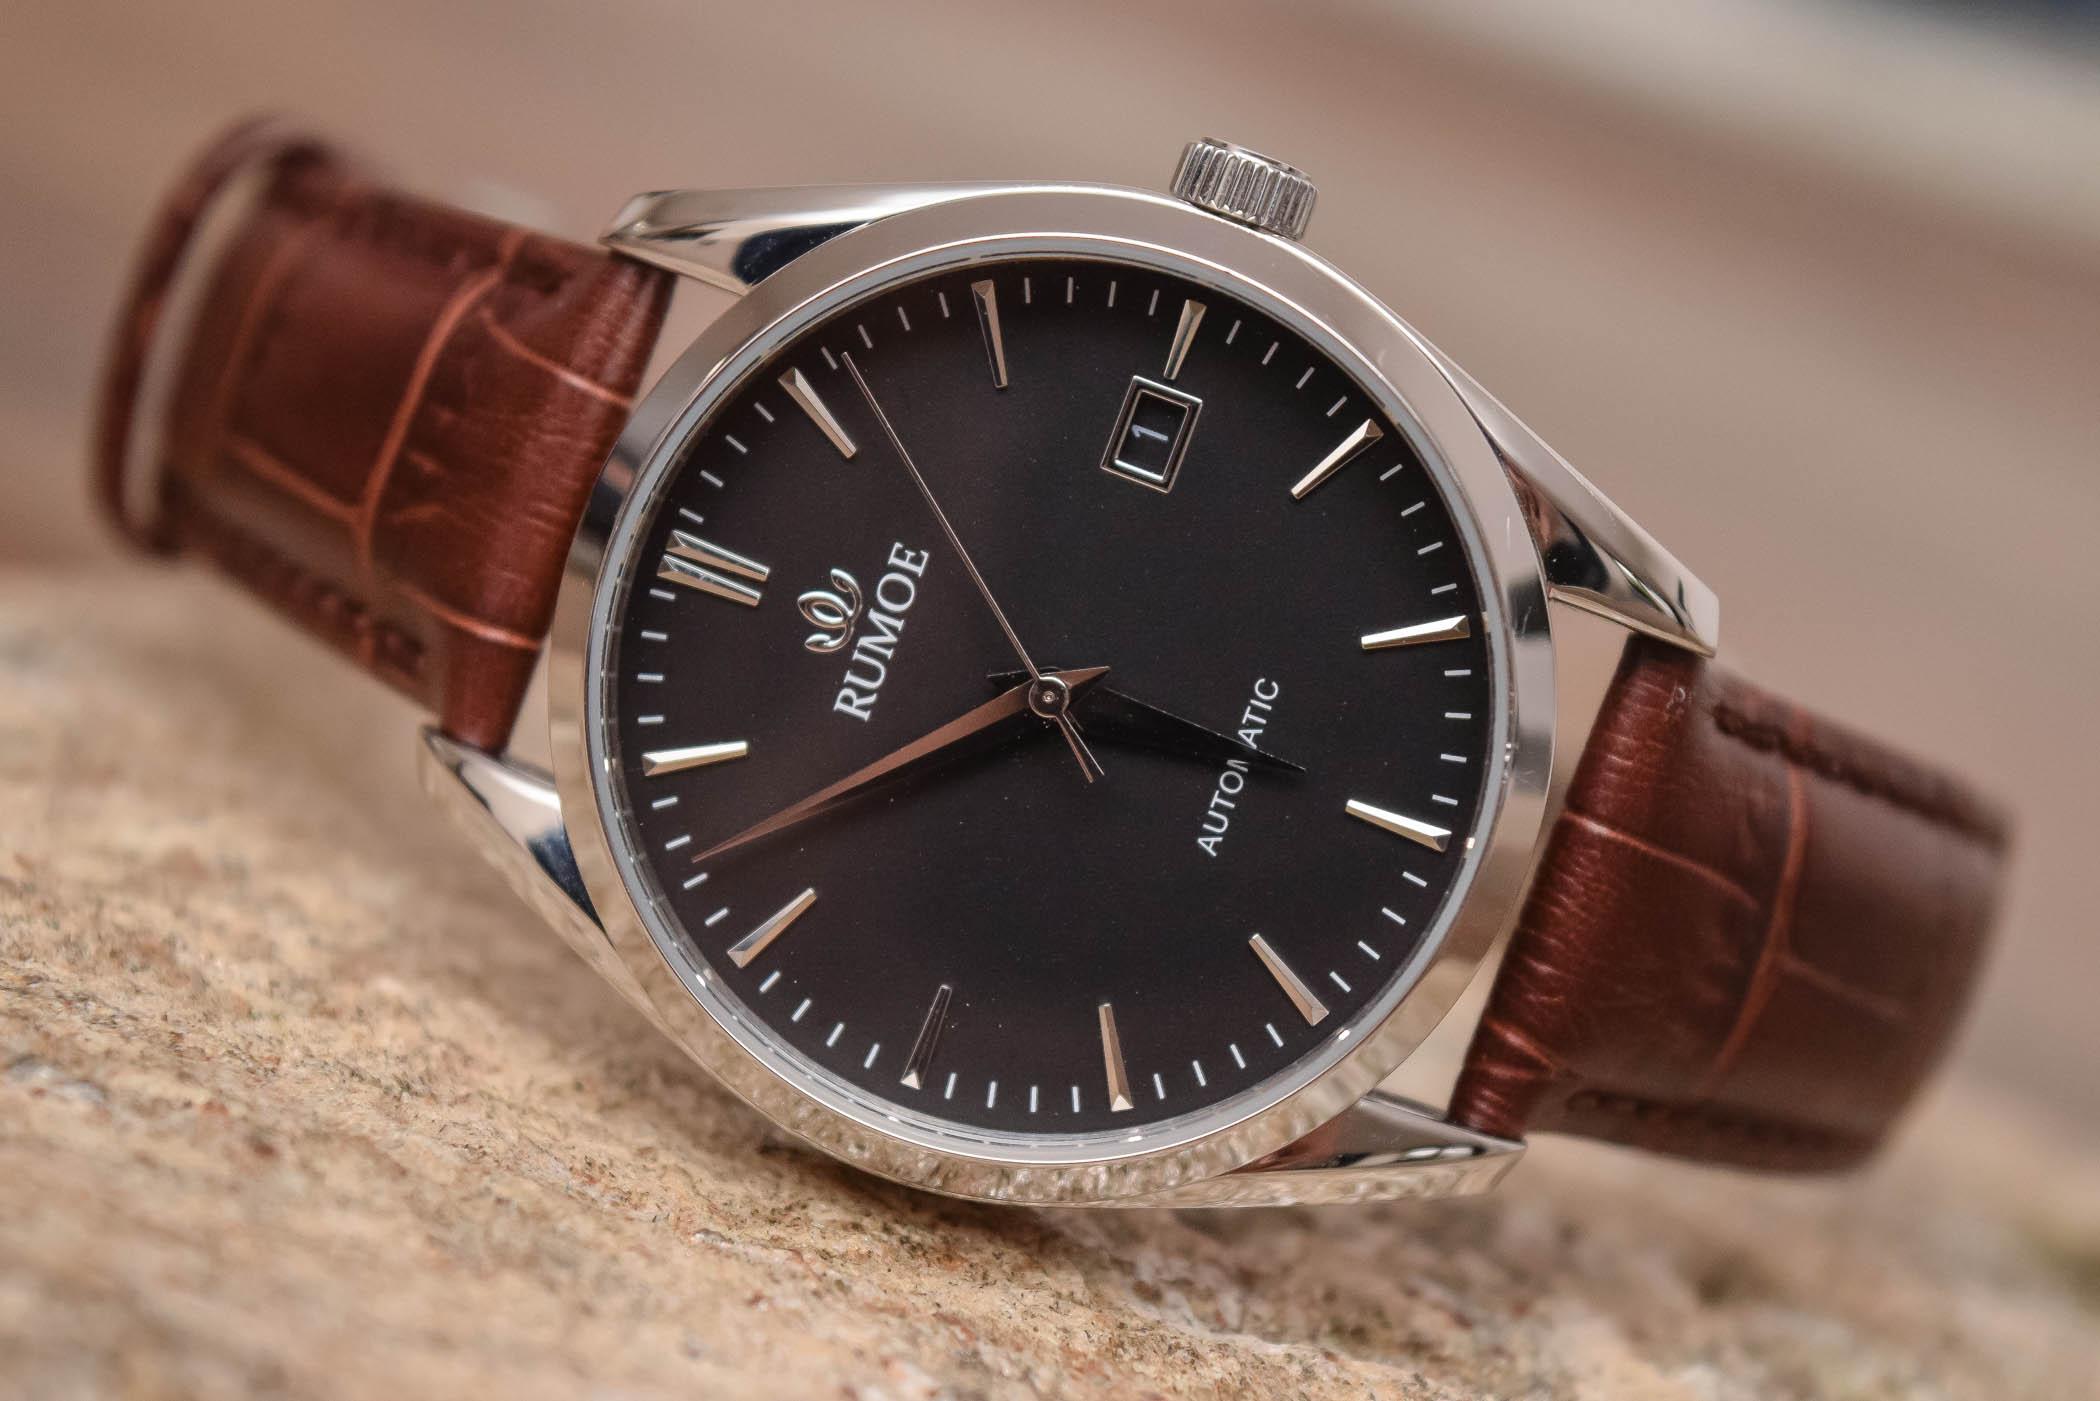 Rumoe Nobel Royal Watch